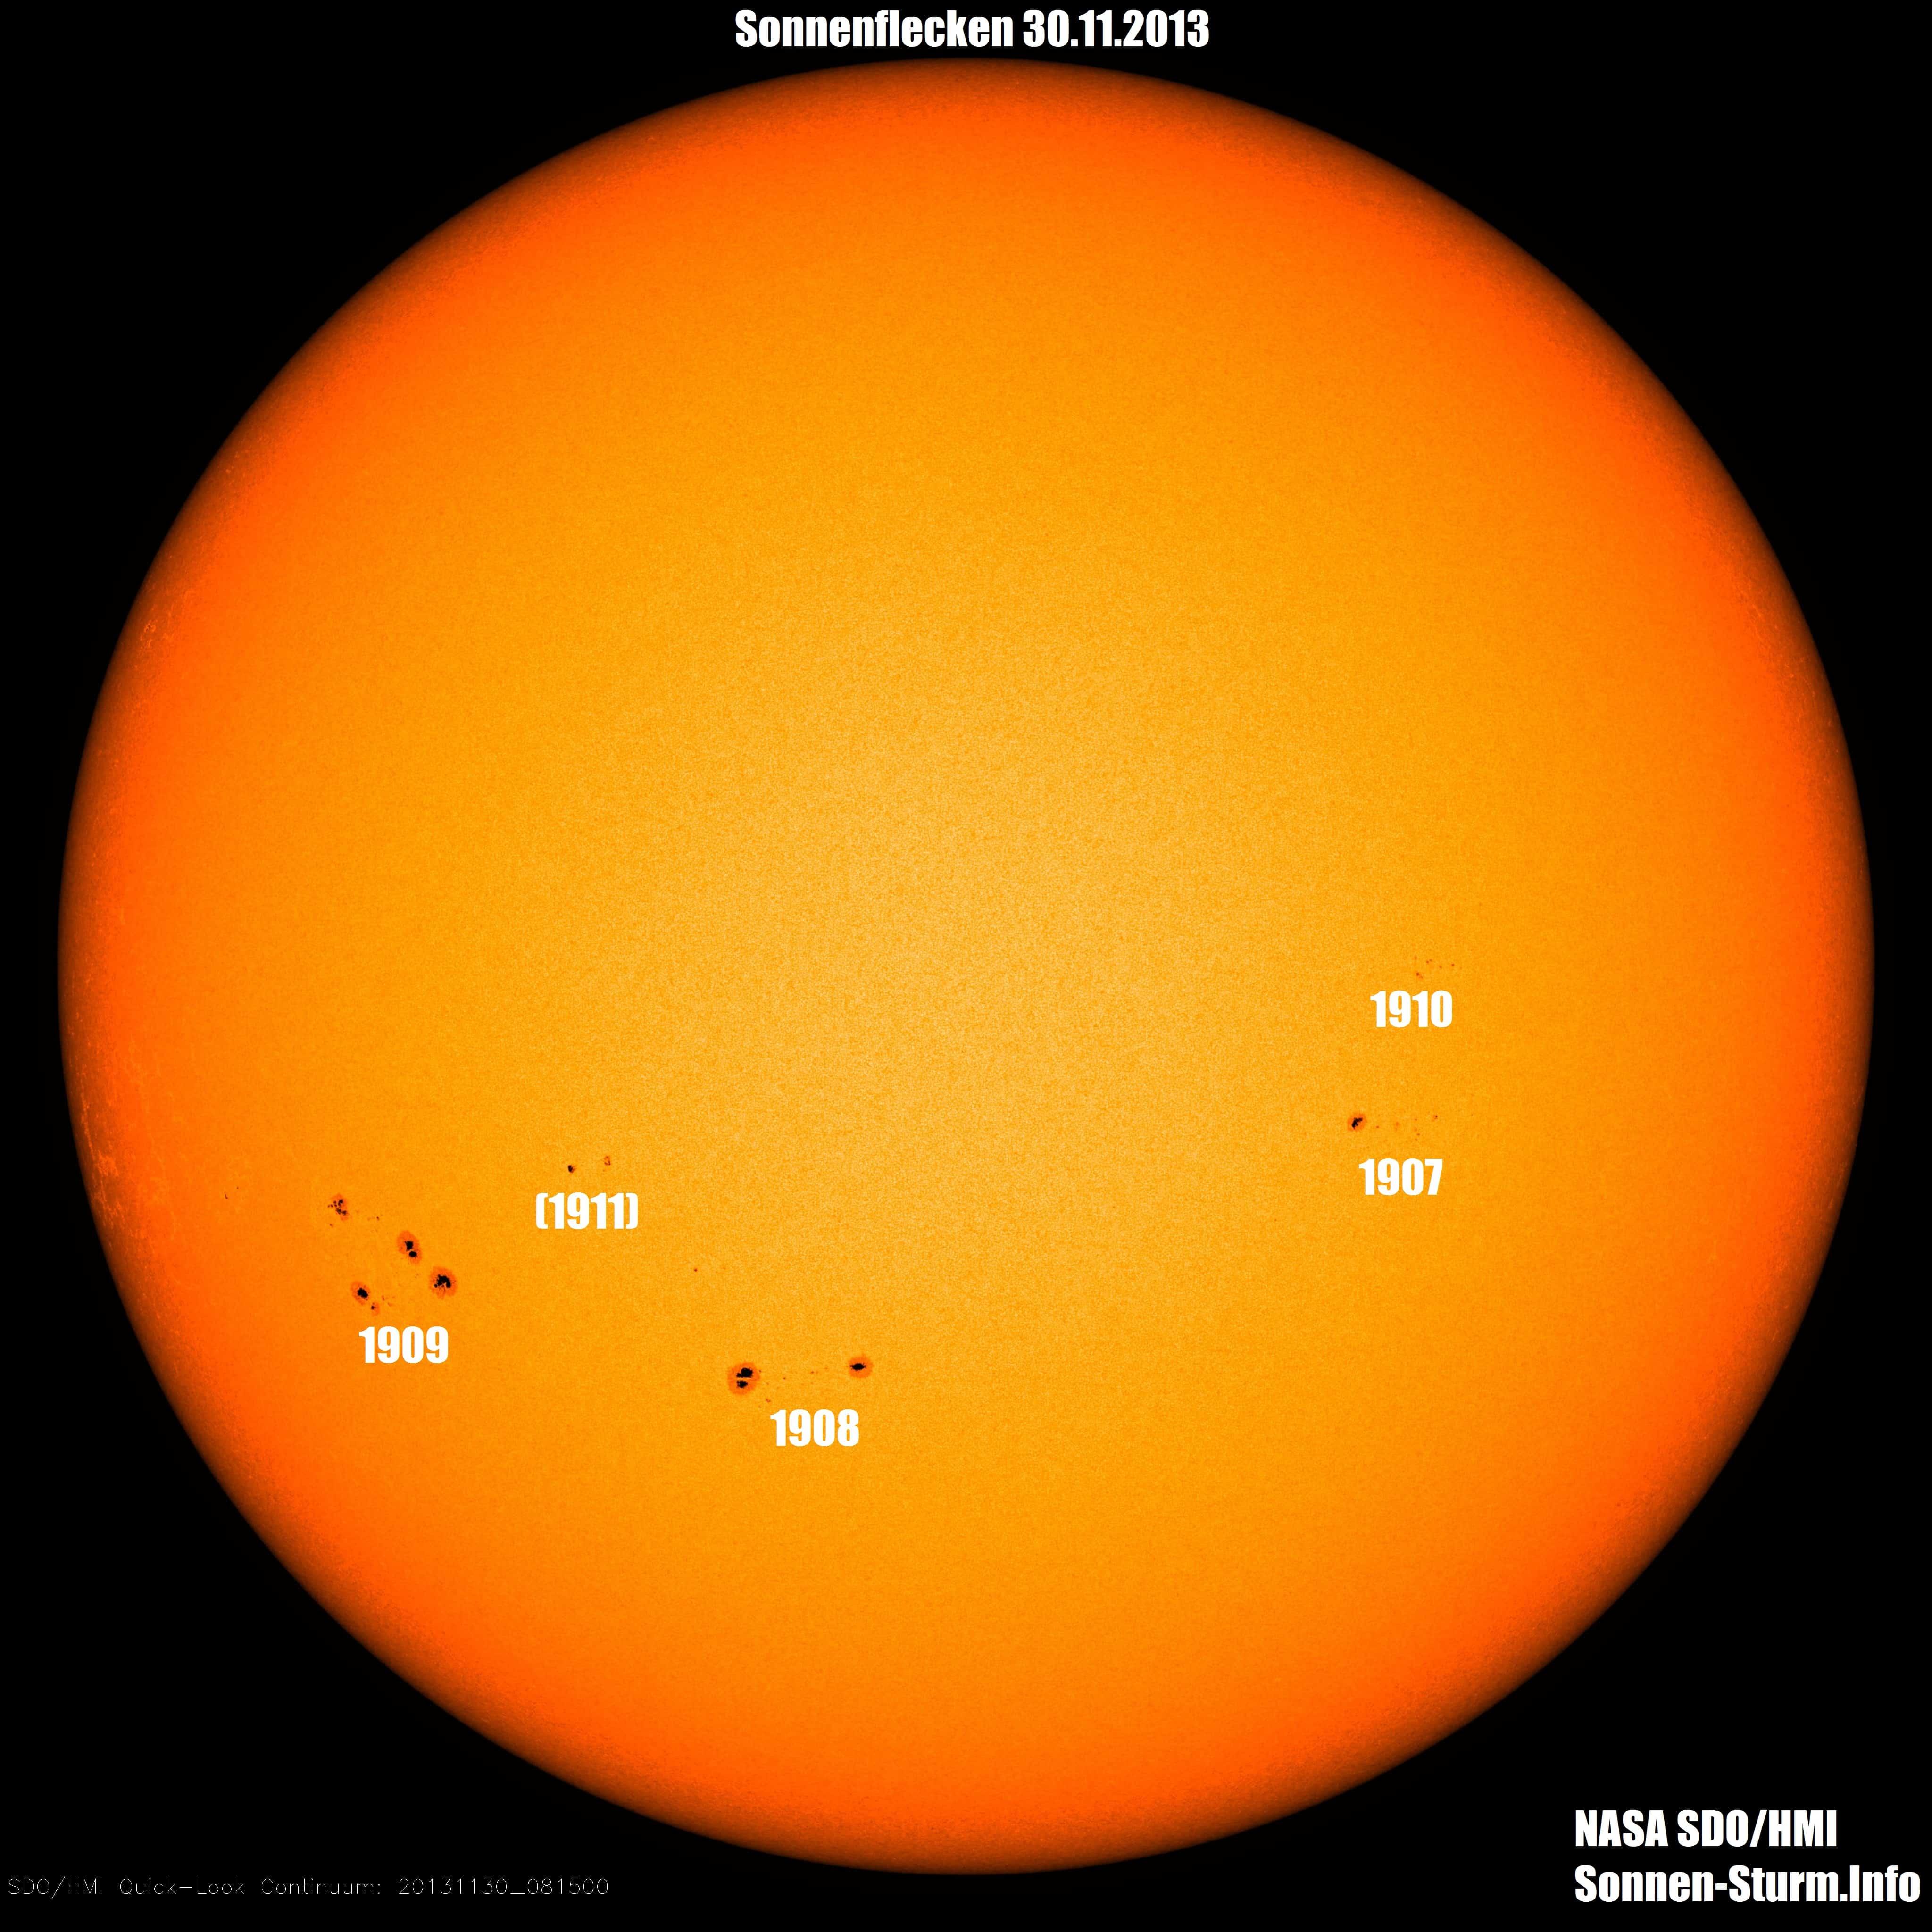 Sonnenflecken 30.November 2013